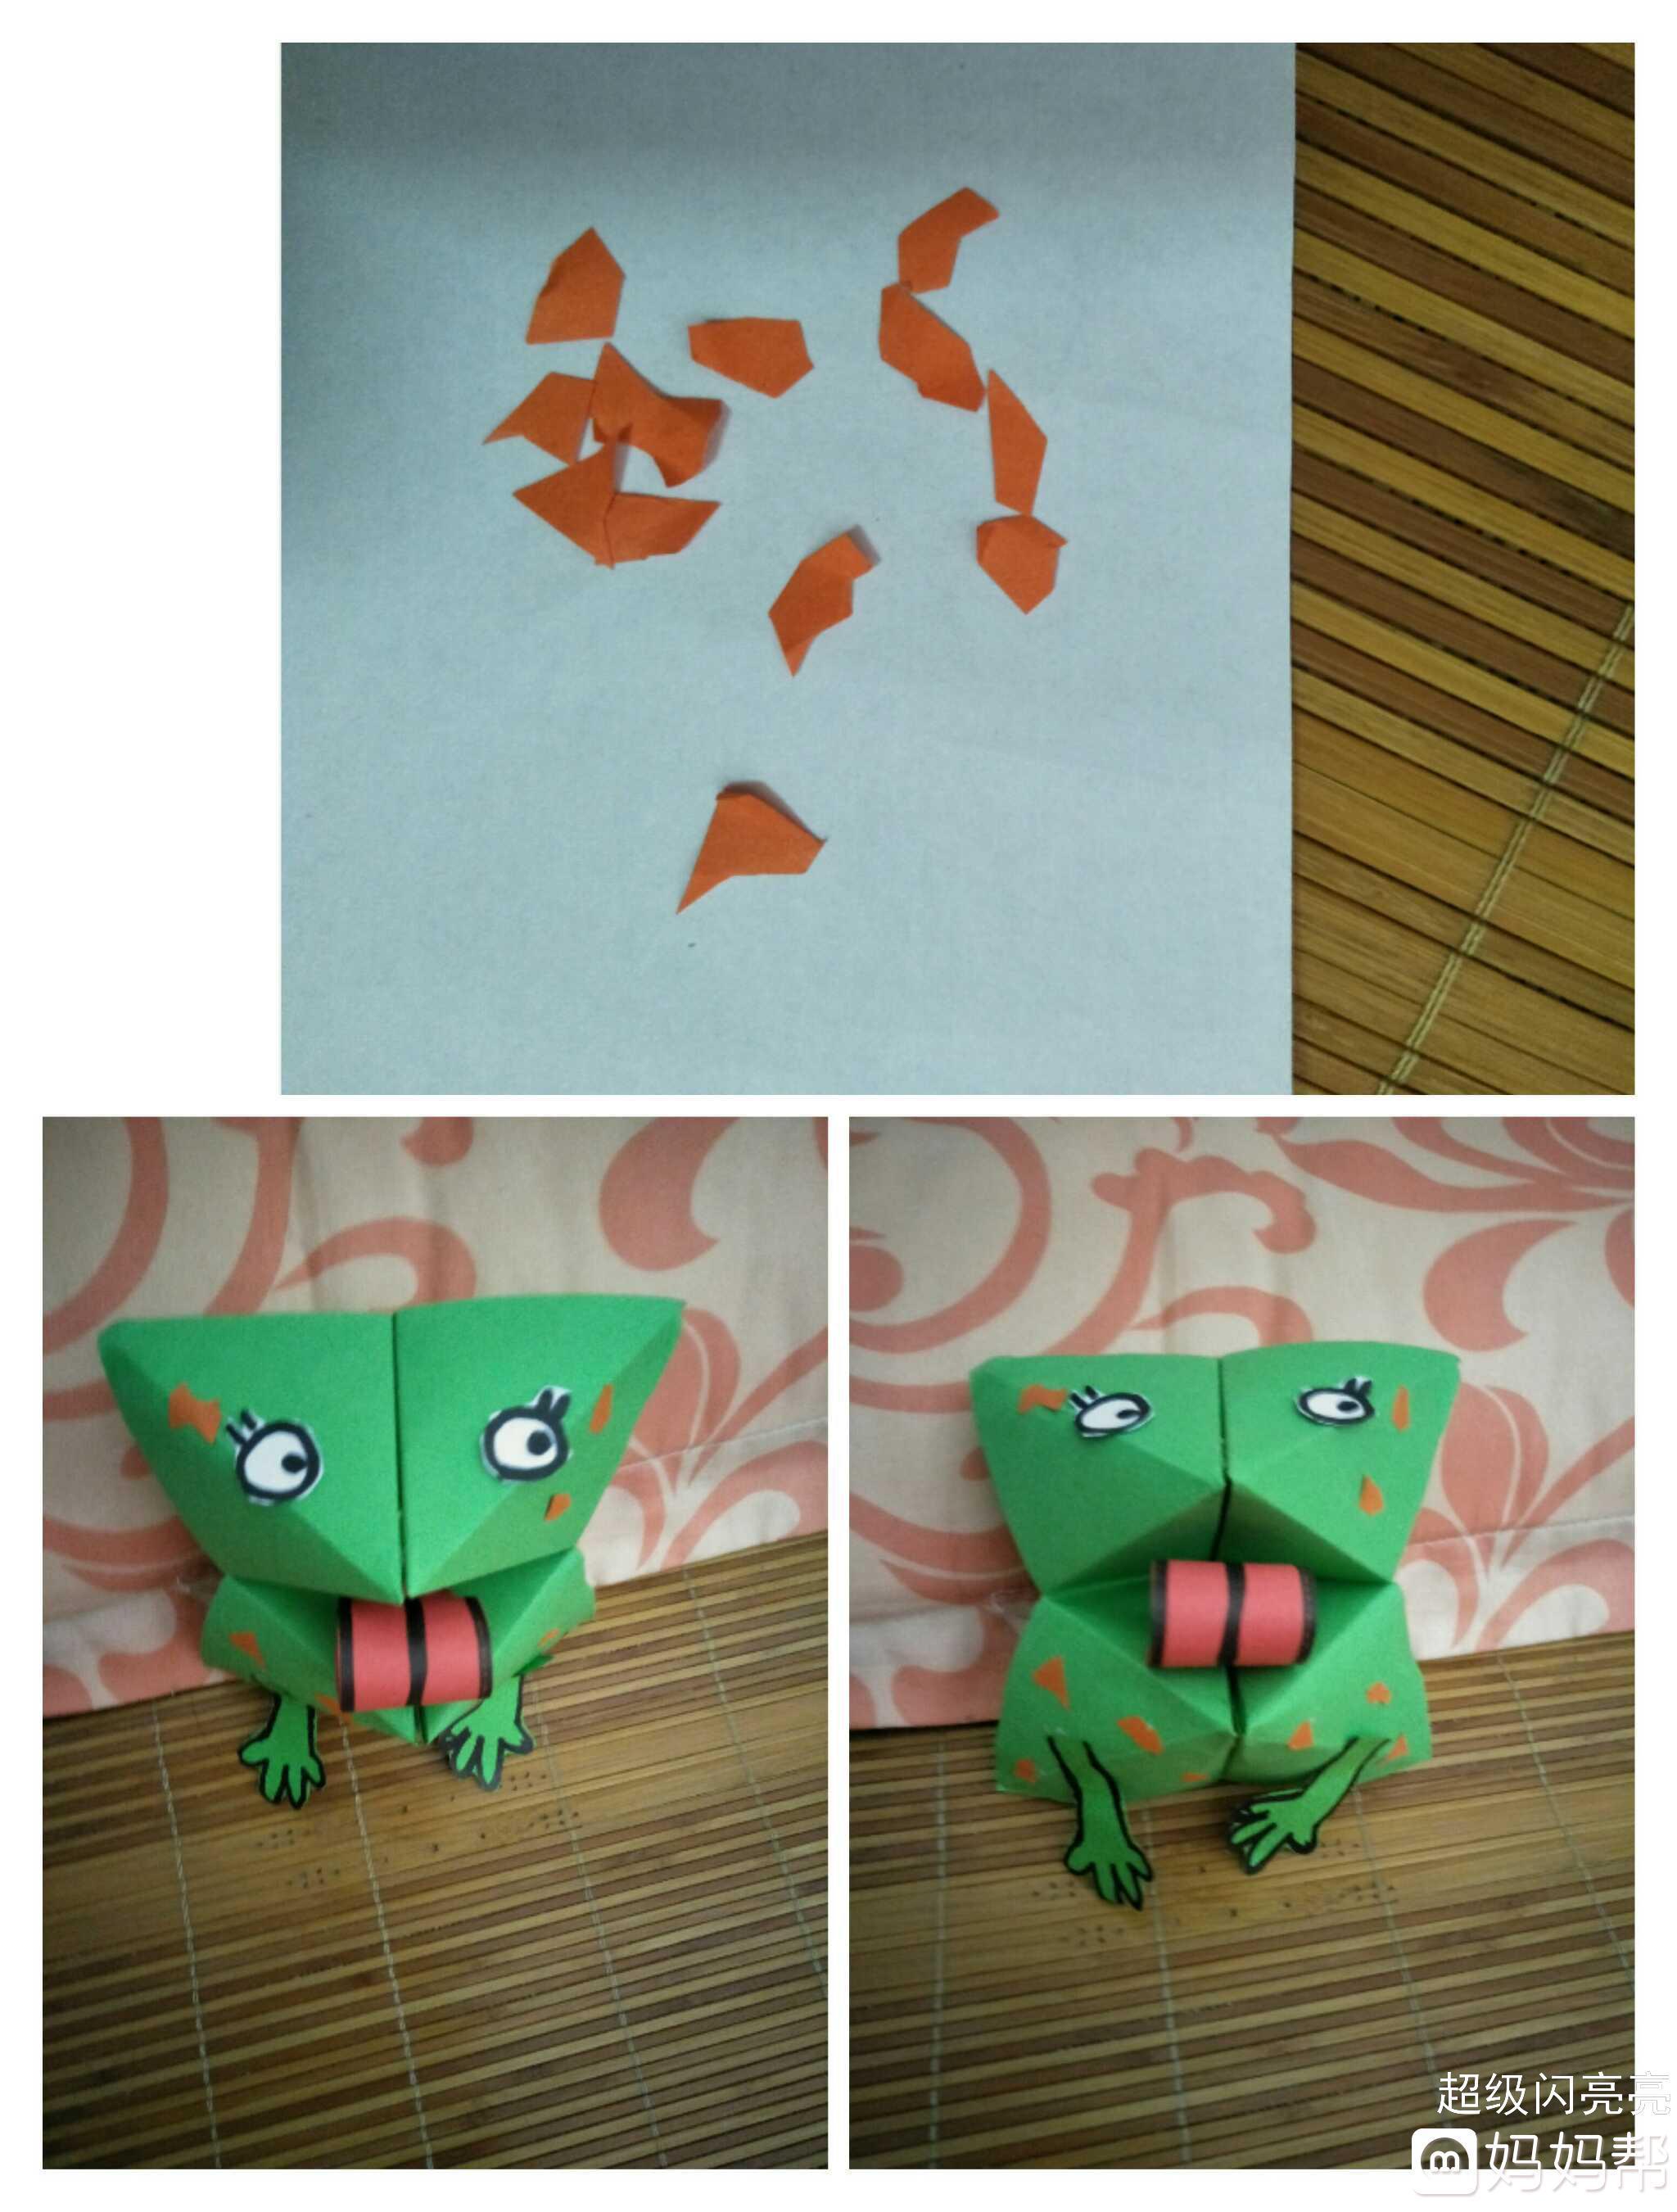 【指尖上的小动物】手工折纸之大嘴巴纸玩偶!